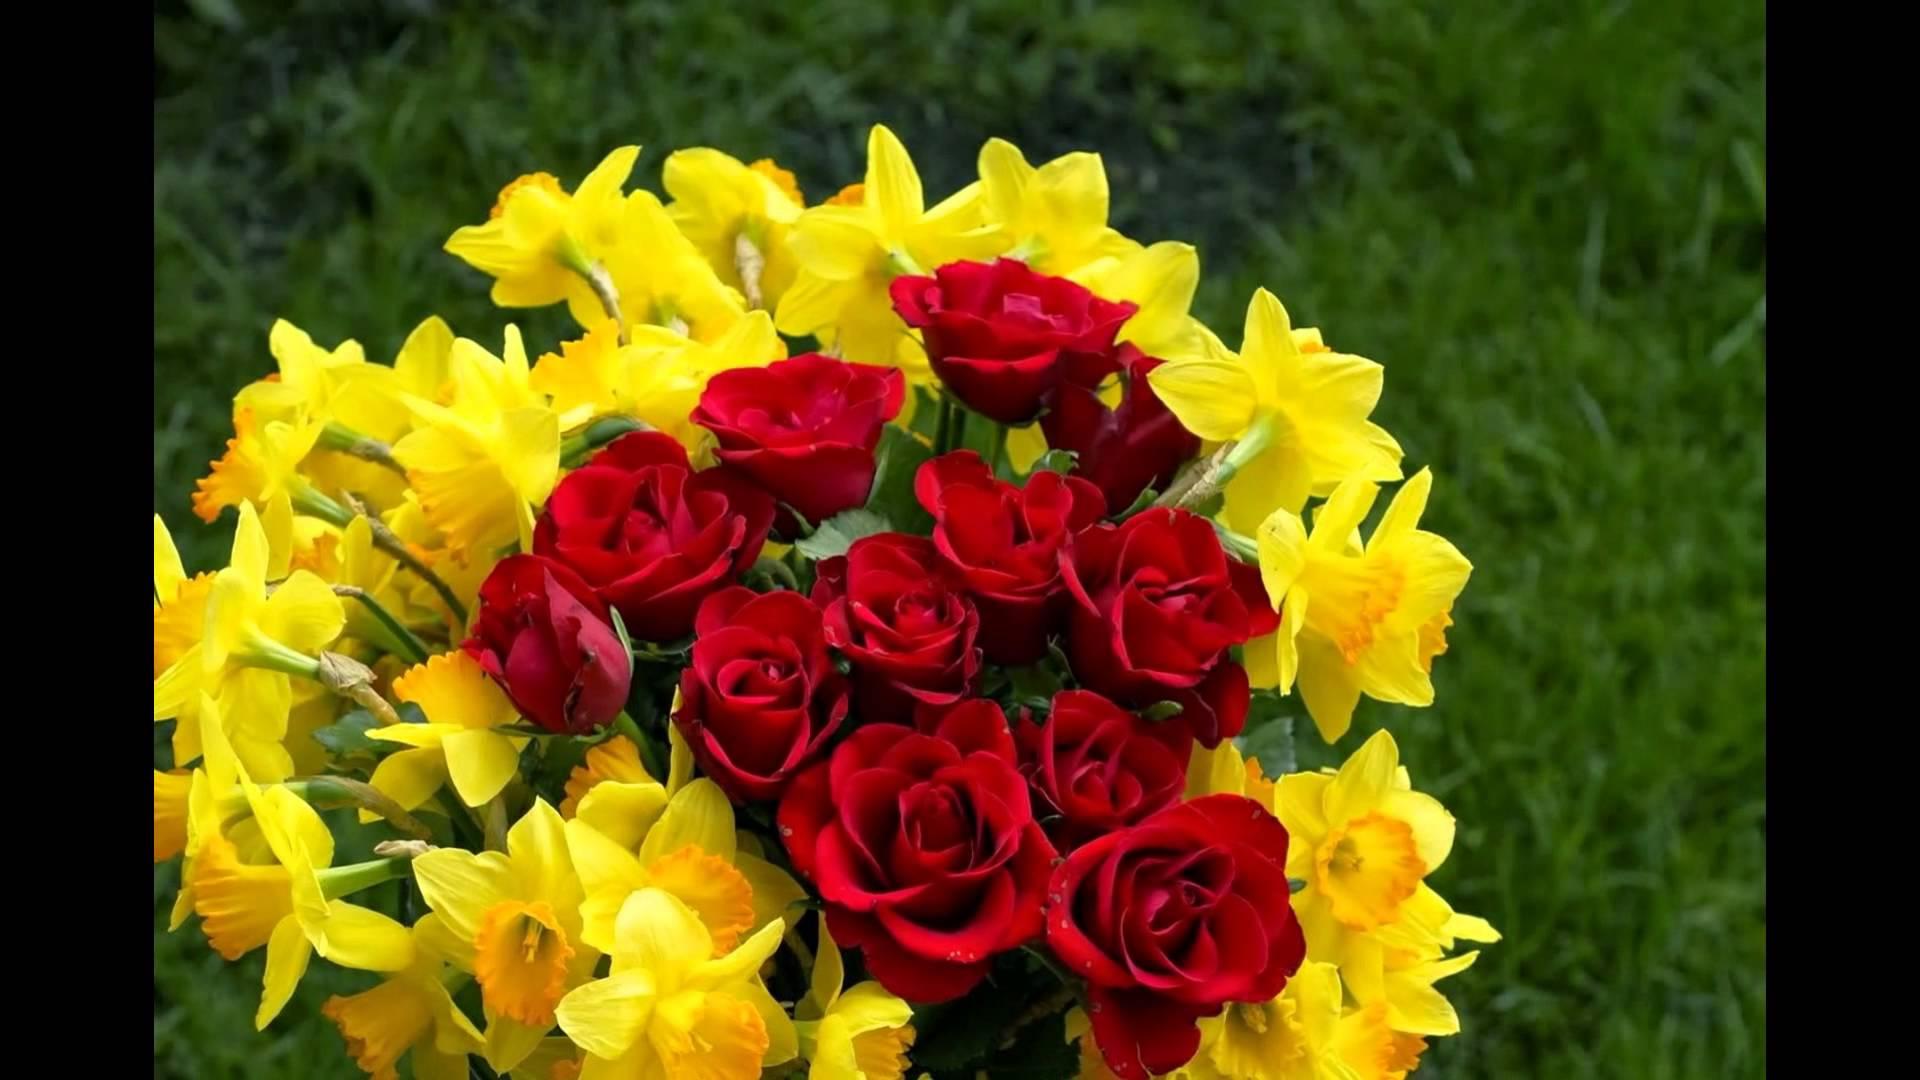 بالصور صور ورود روعه , اجمل صور الورود الرقيقة 3469 12